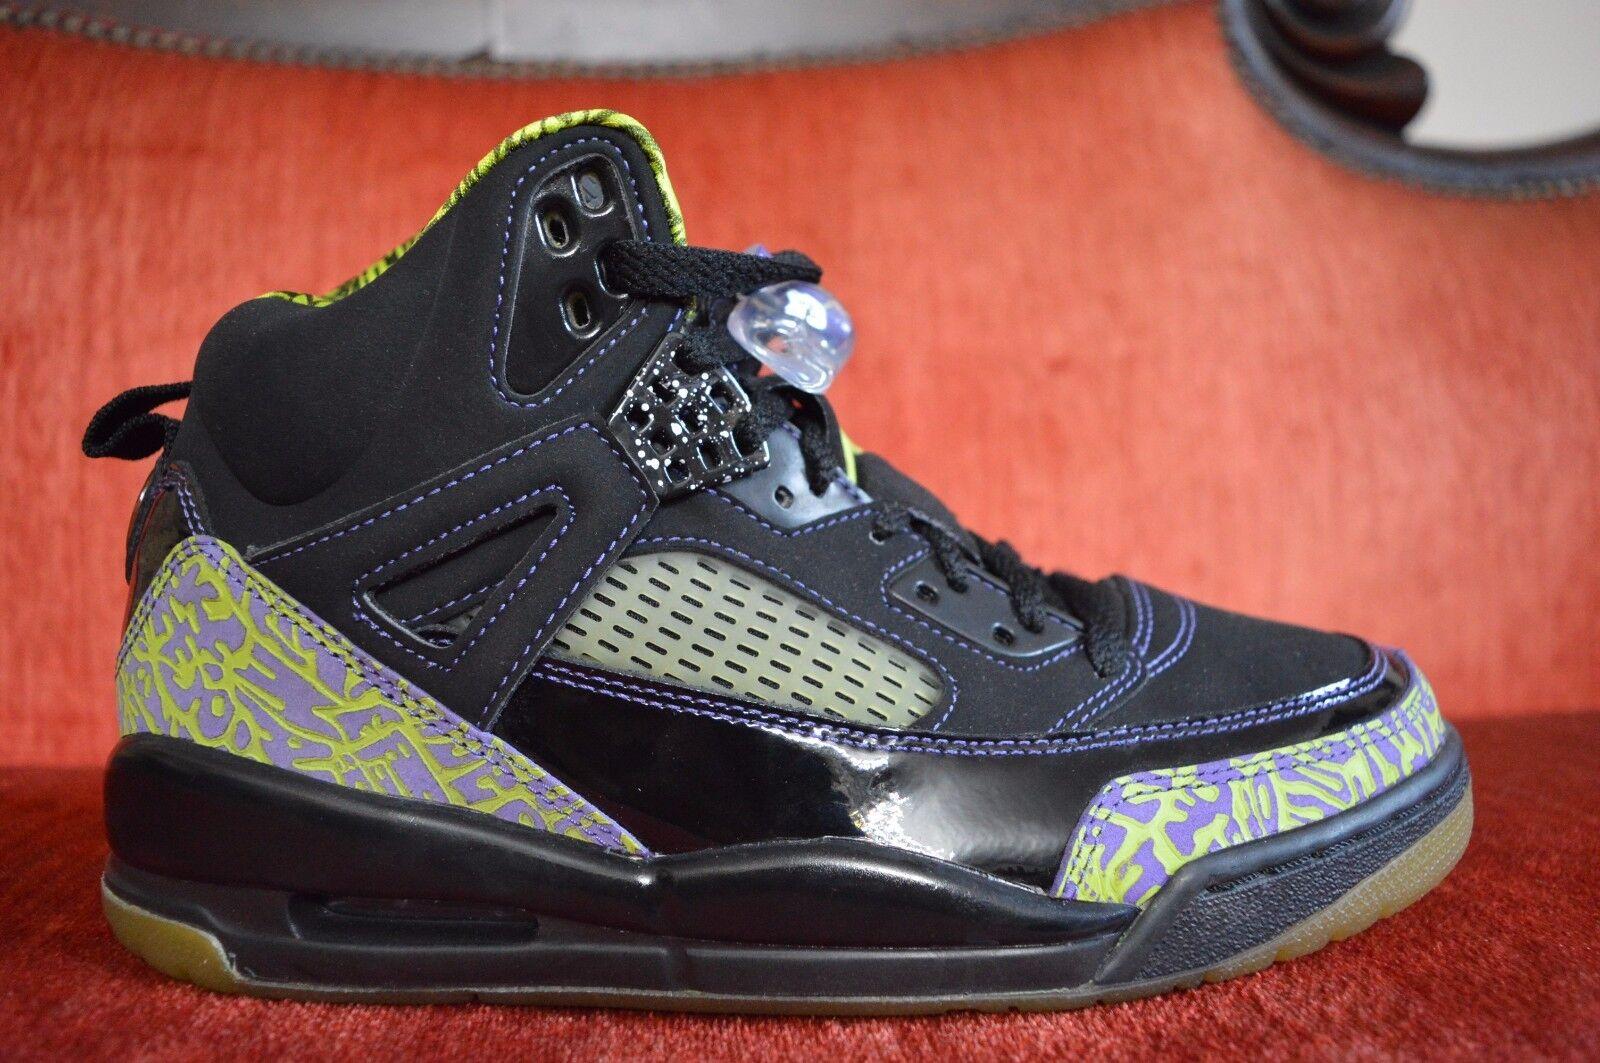 NEW Nike Air Jordan Spizike Size 7.5 Black Citron 315371-031 Retro 3 4 5 6